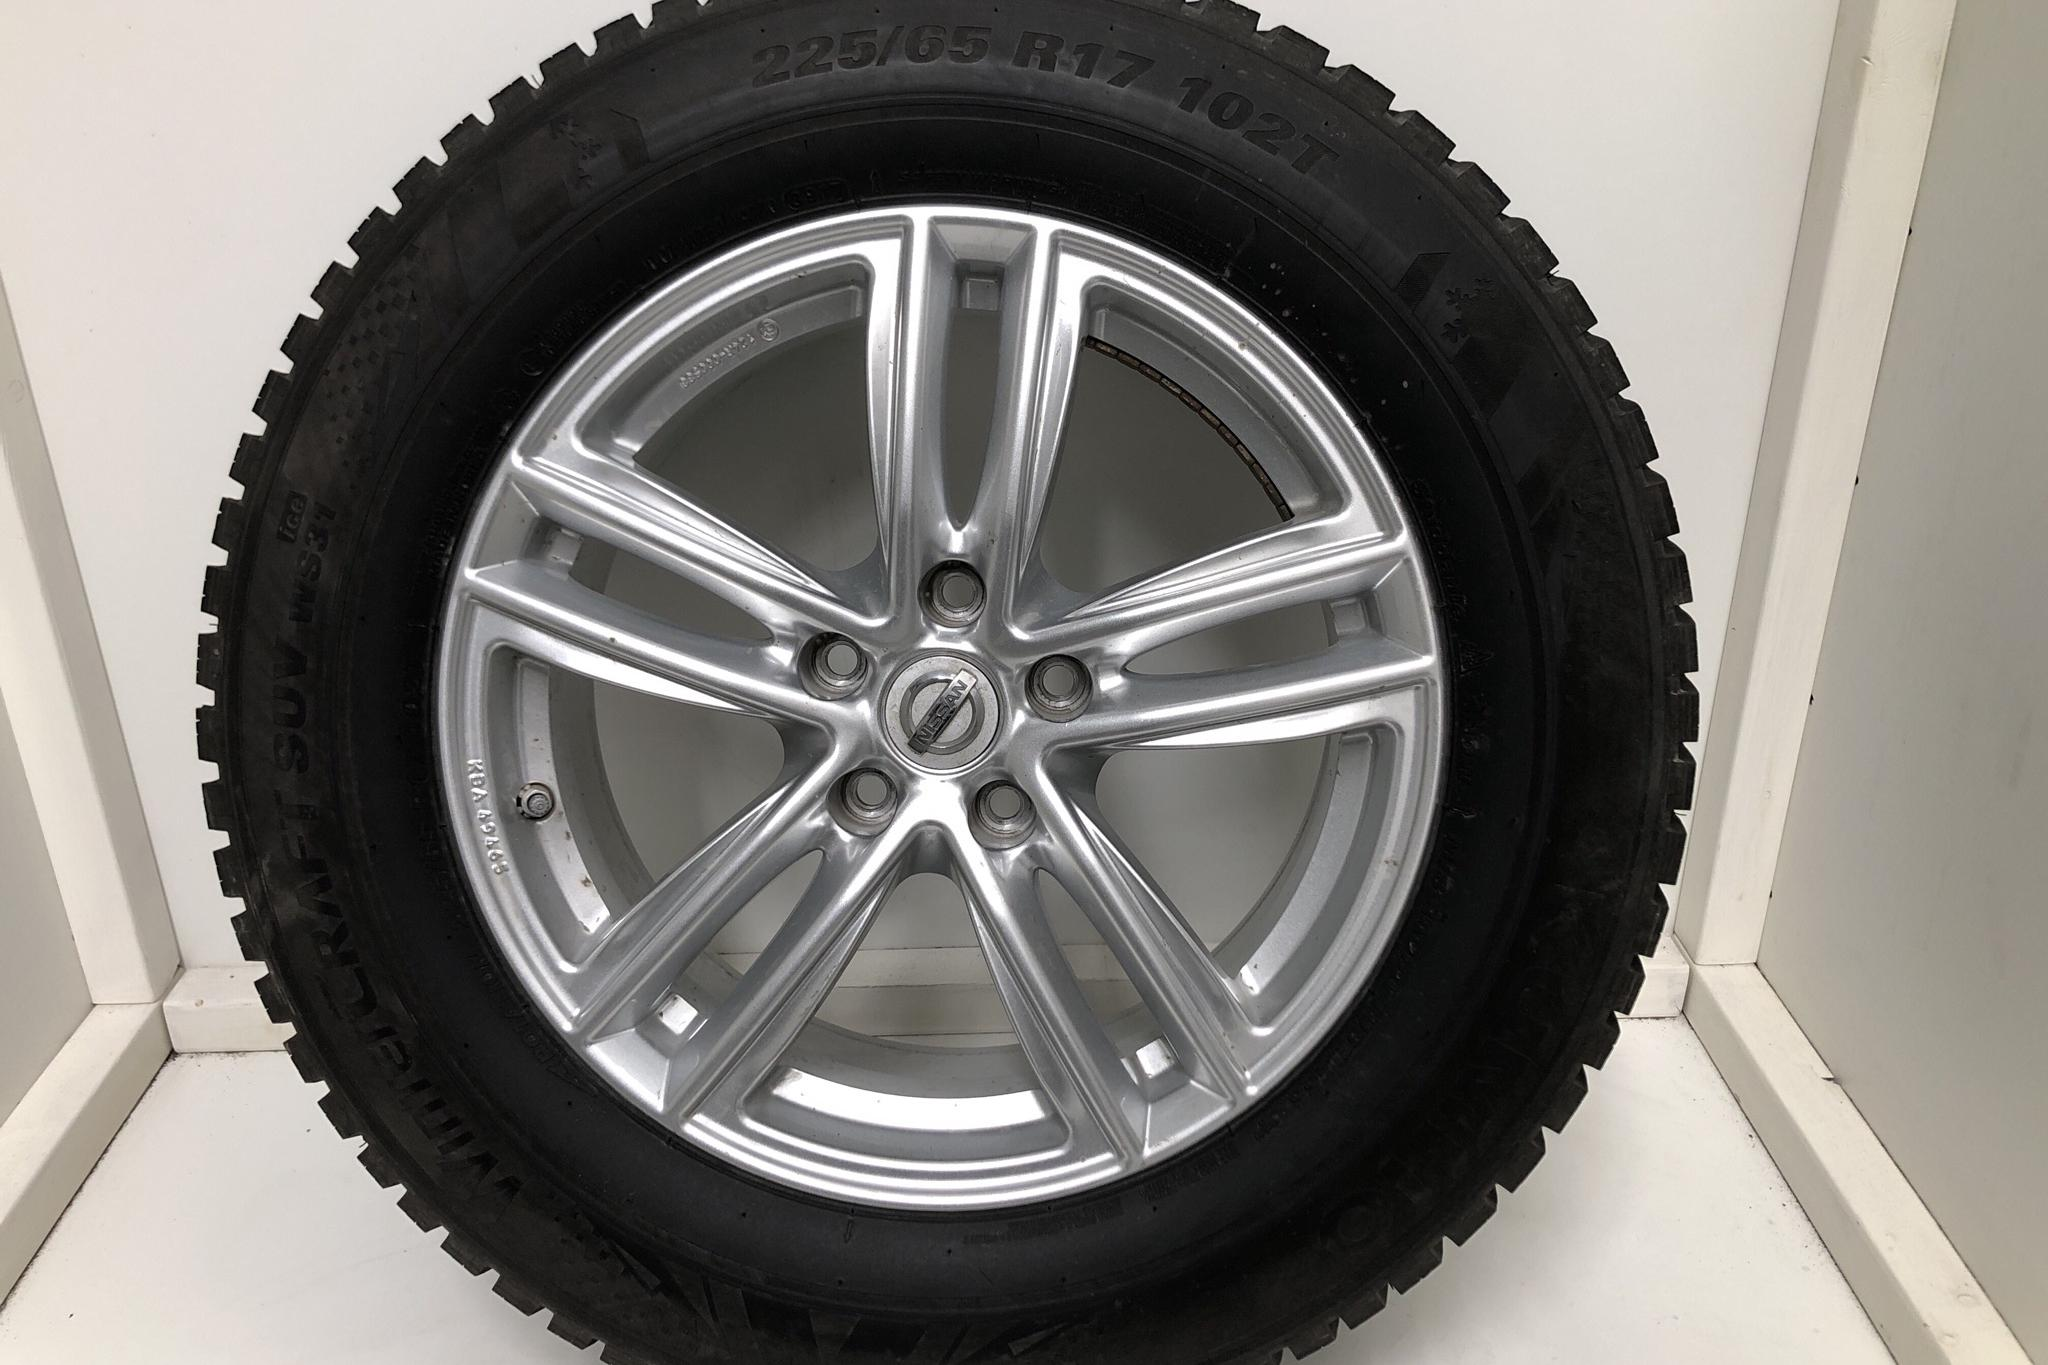 Nissan X-trail 1.6 dCi 2WD (130hk) - 4 484 mil - Automat - vit - 2017